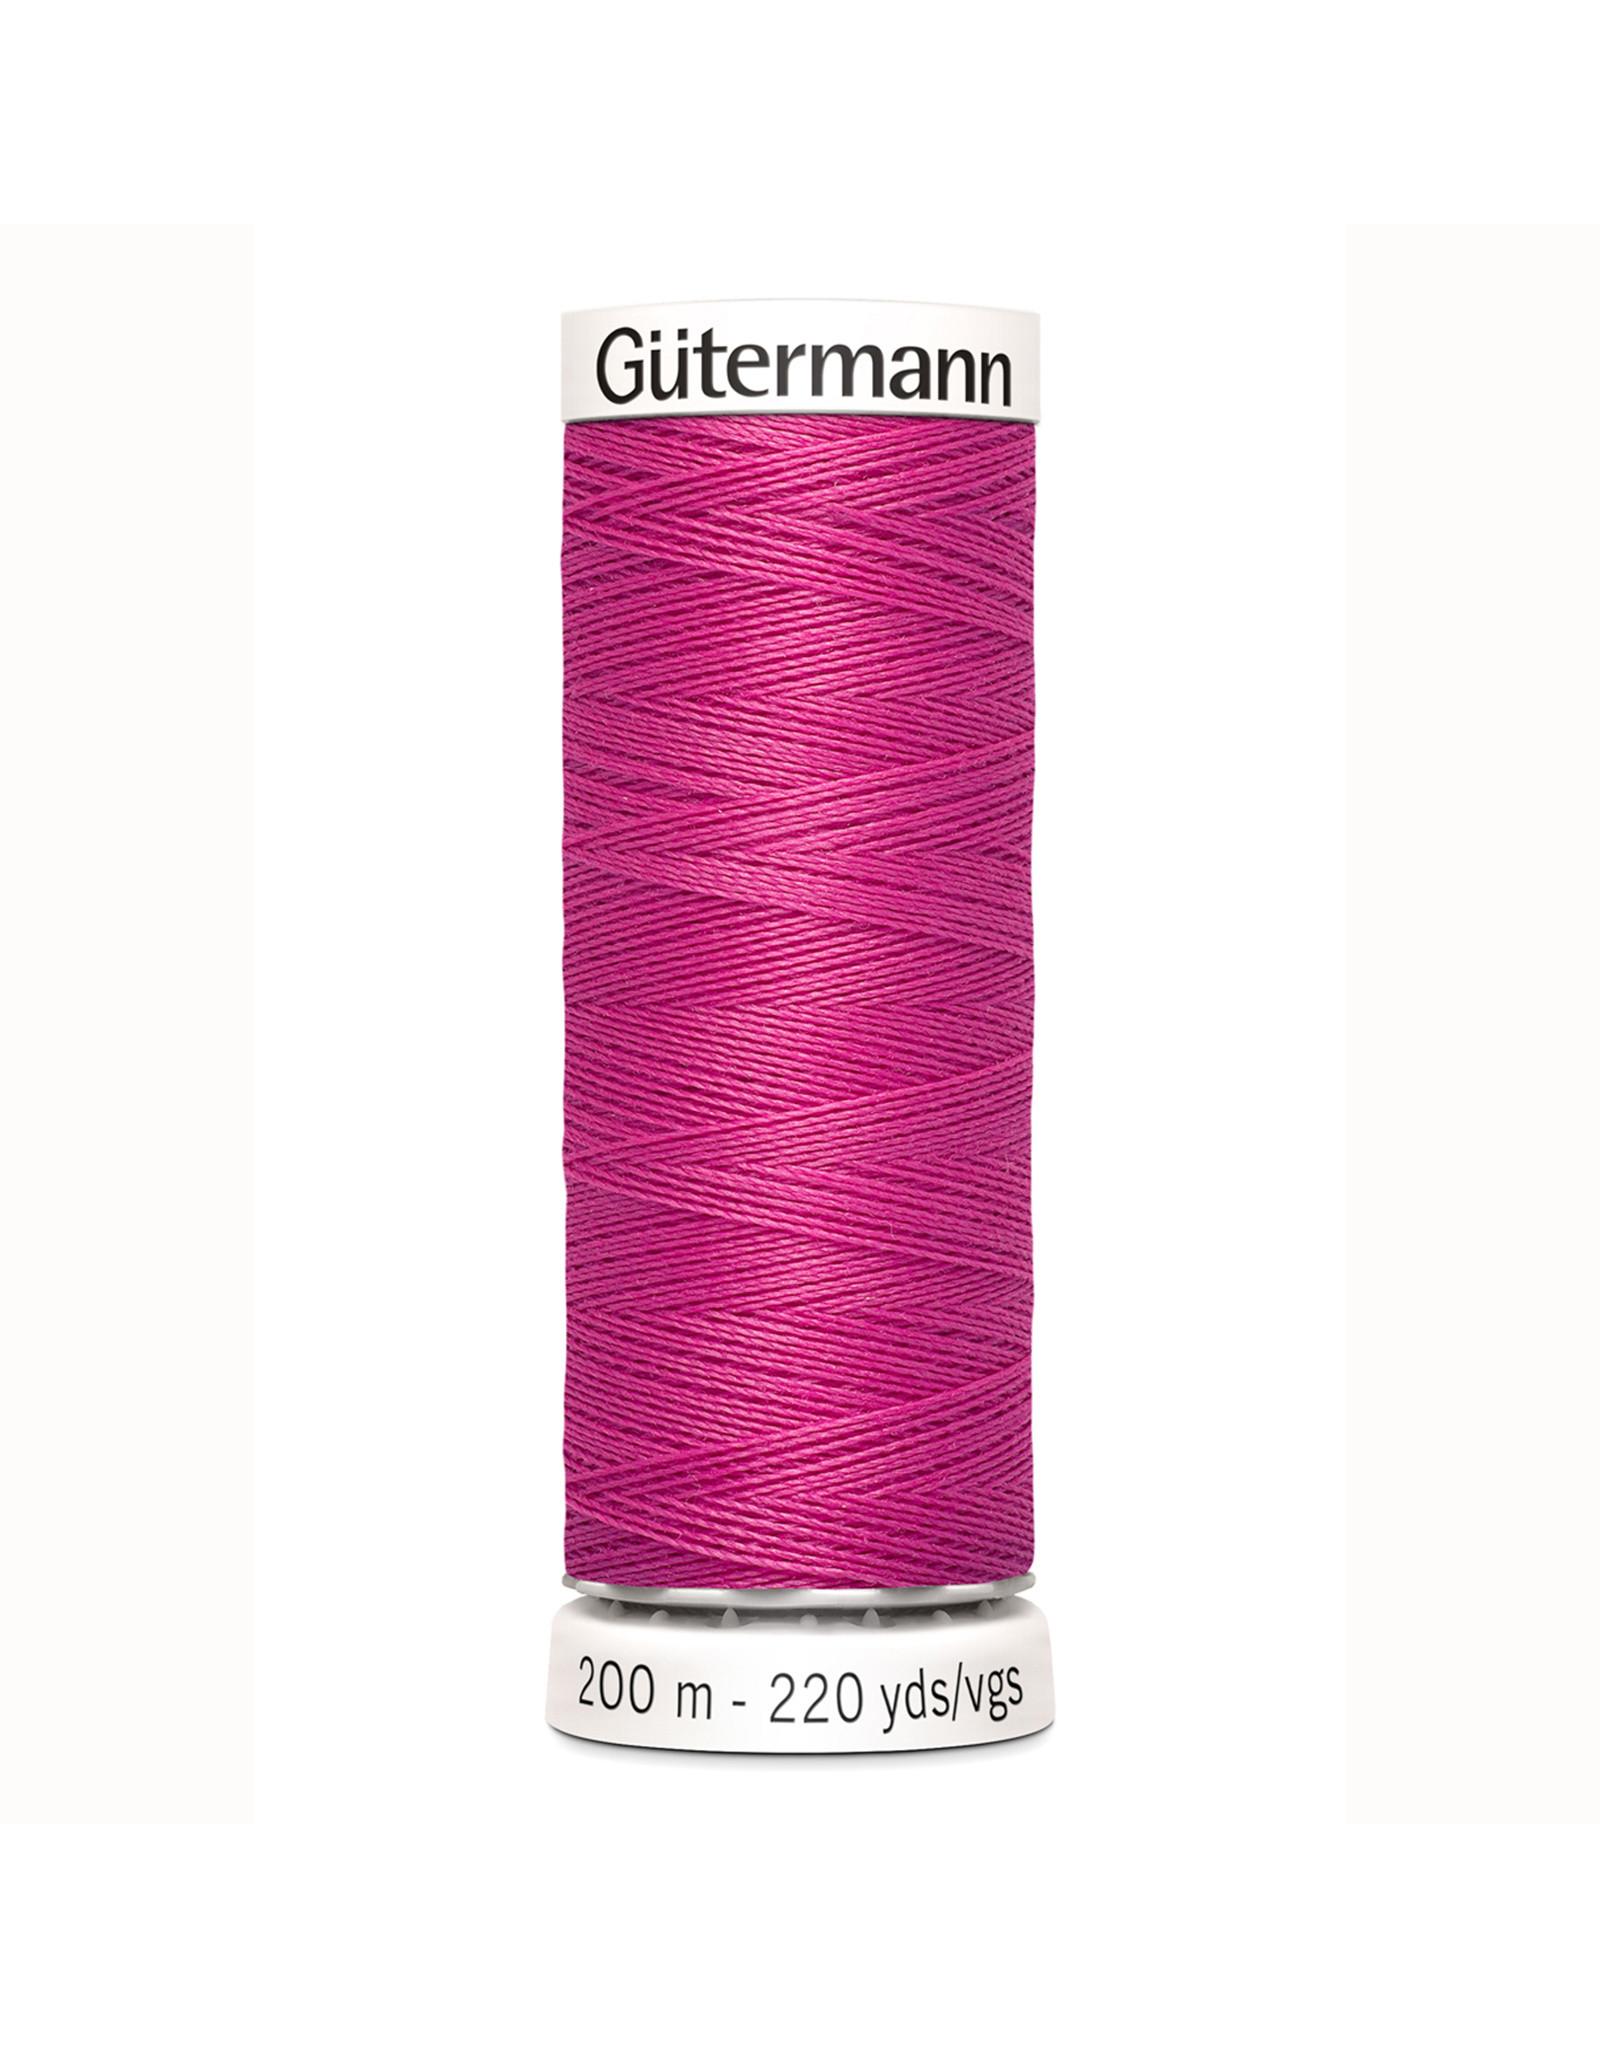 Gütermann Gütermann Nähgarn 200 m - nr 733